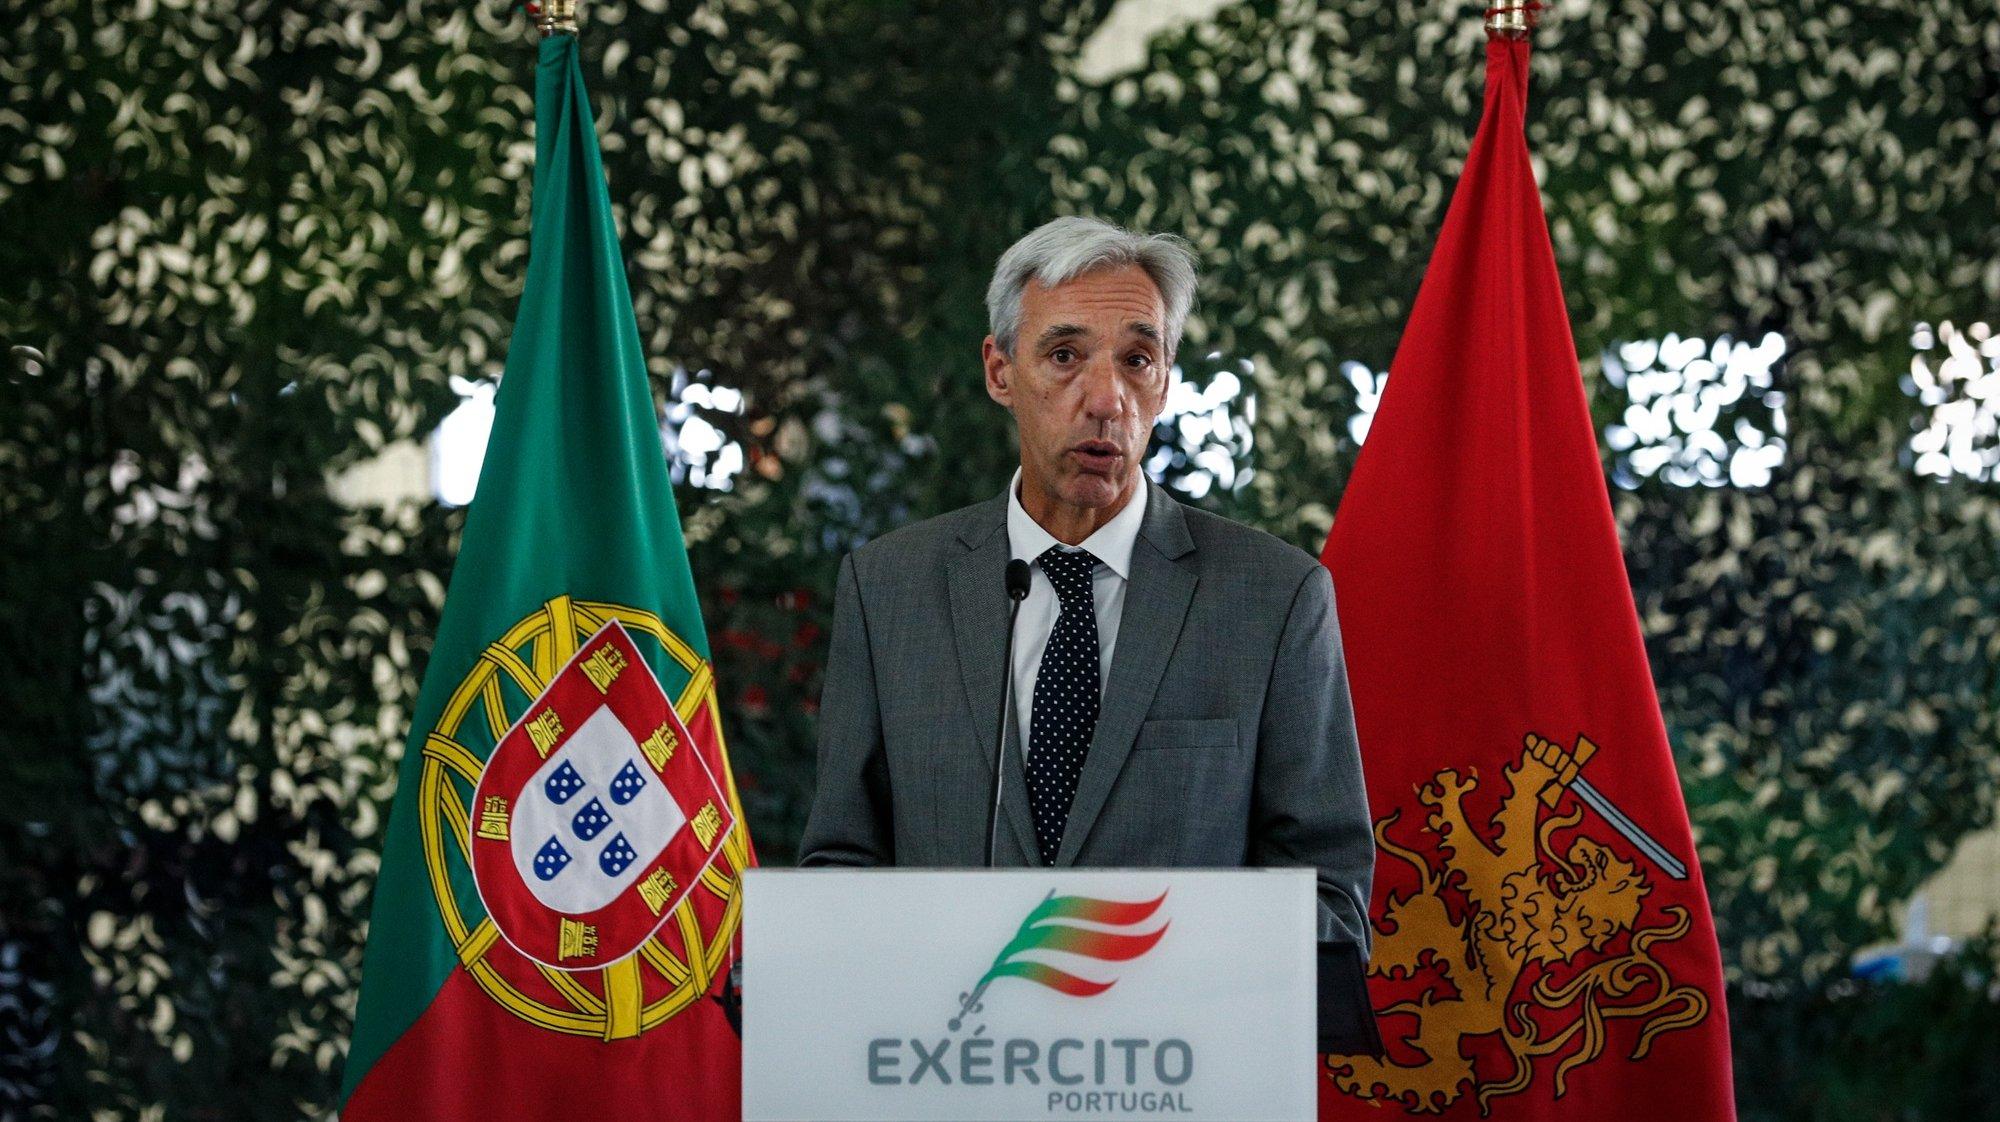 O ministro da Defesa Nacional, João Gomes Cravinho, intervém durante a visita à Unidade de Apoio Geral de Material do Exército, em Alcochete, 16 de abril de 2021. ANTÓNIO COTRIM/LUSA